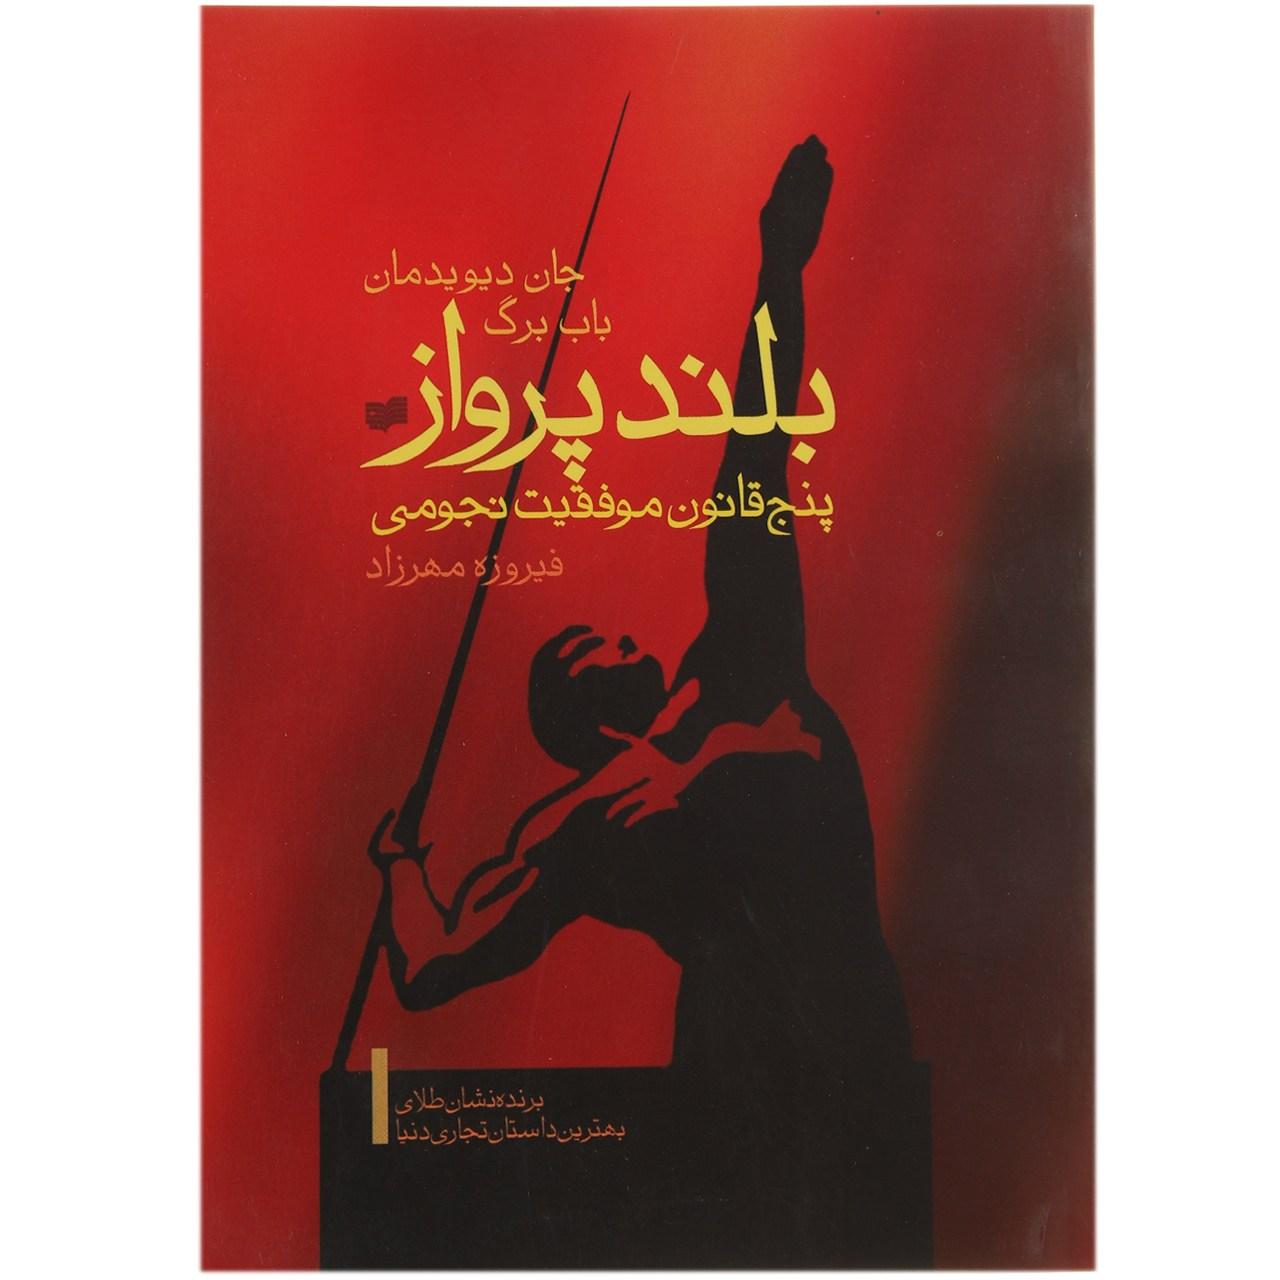 کتاب بلند پرواز اثر جان دیویدمان